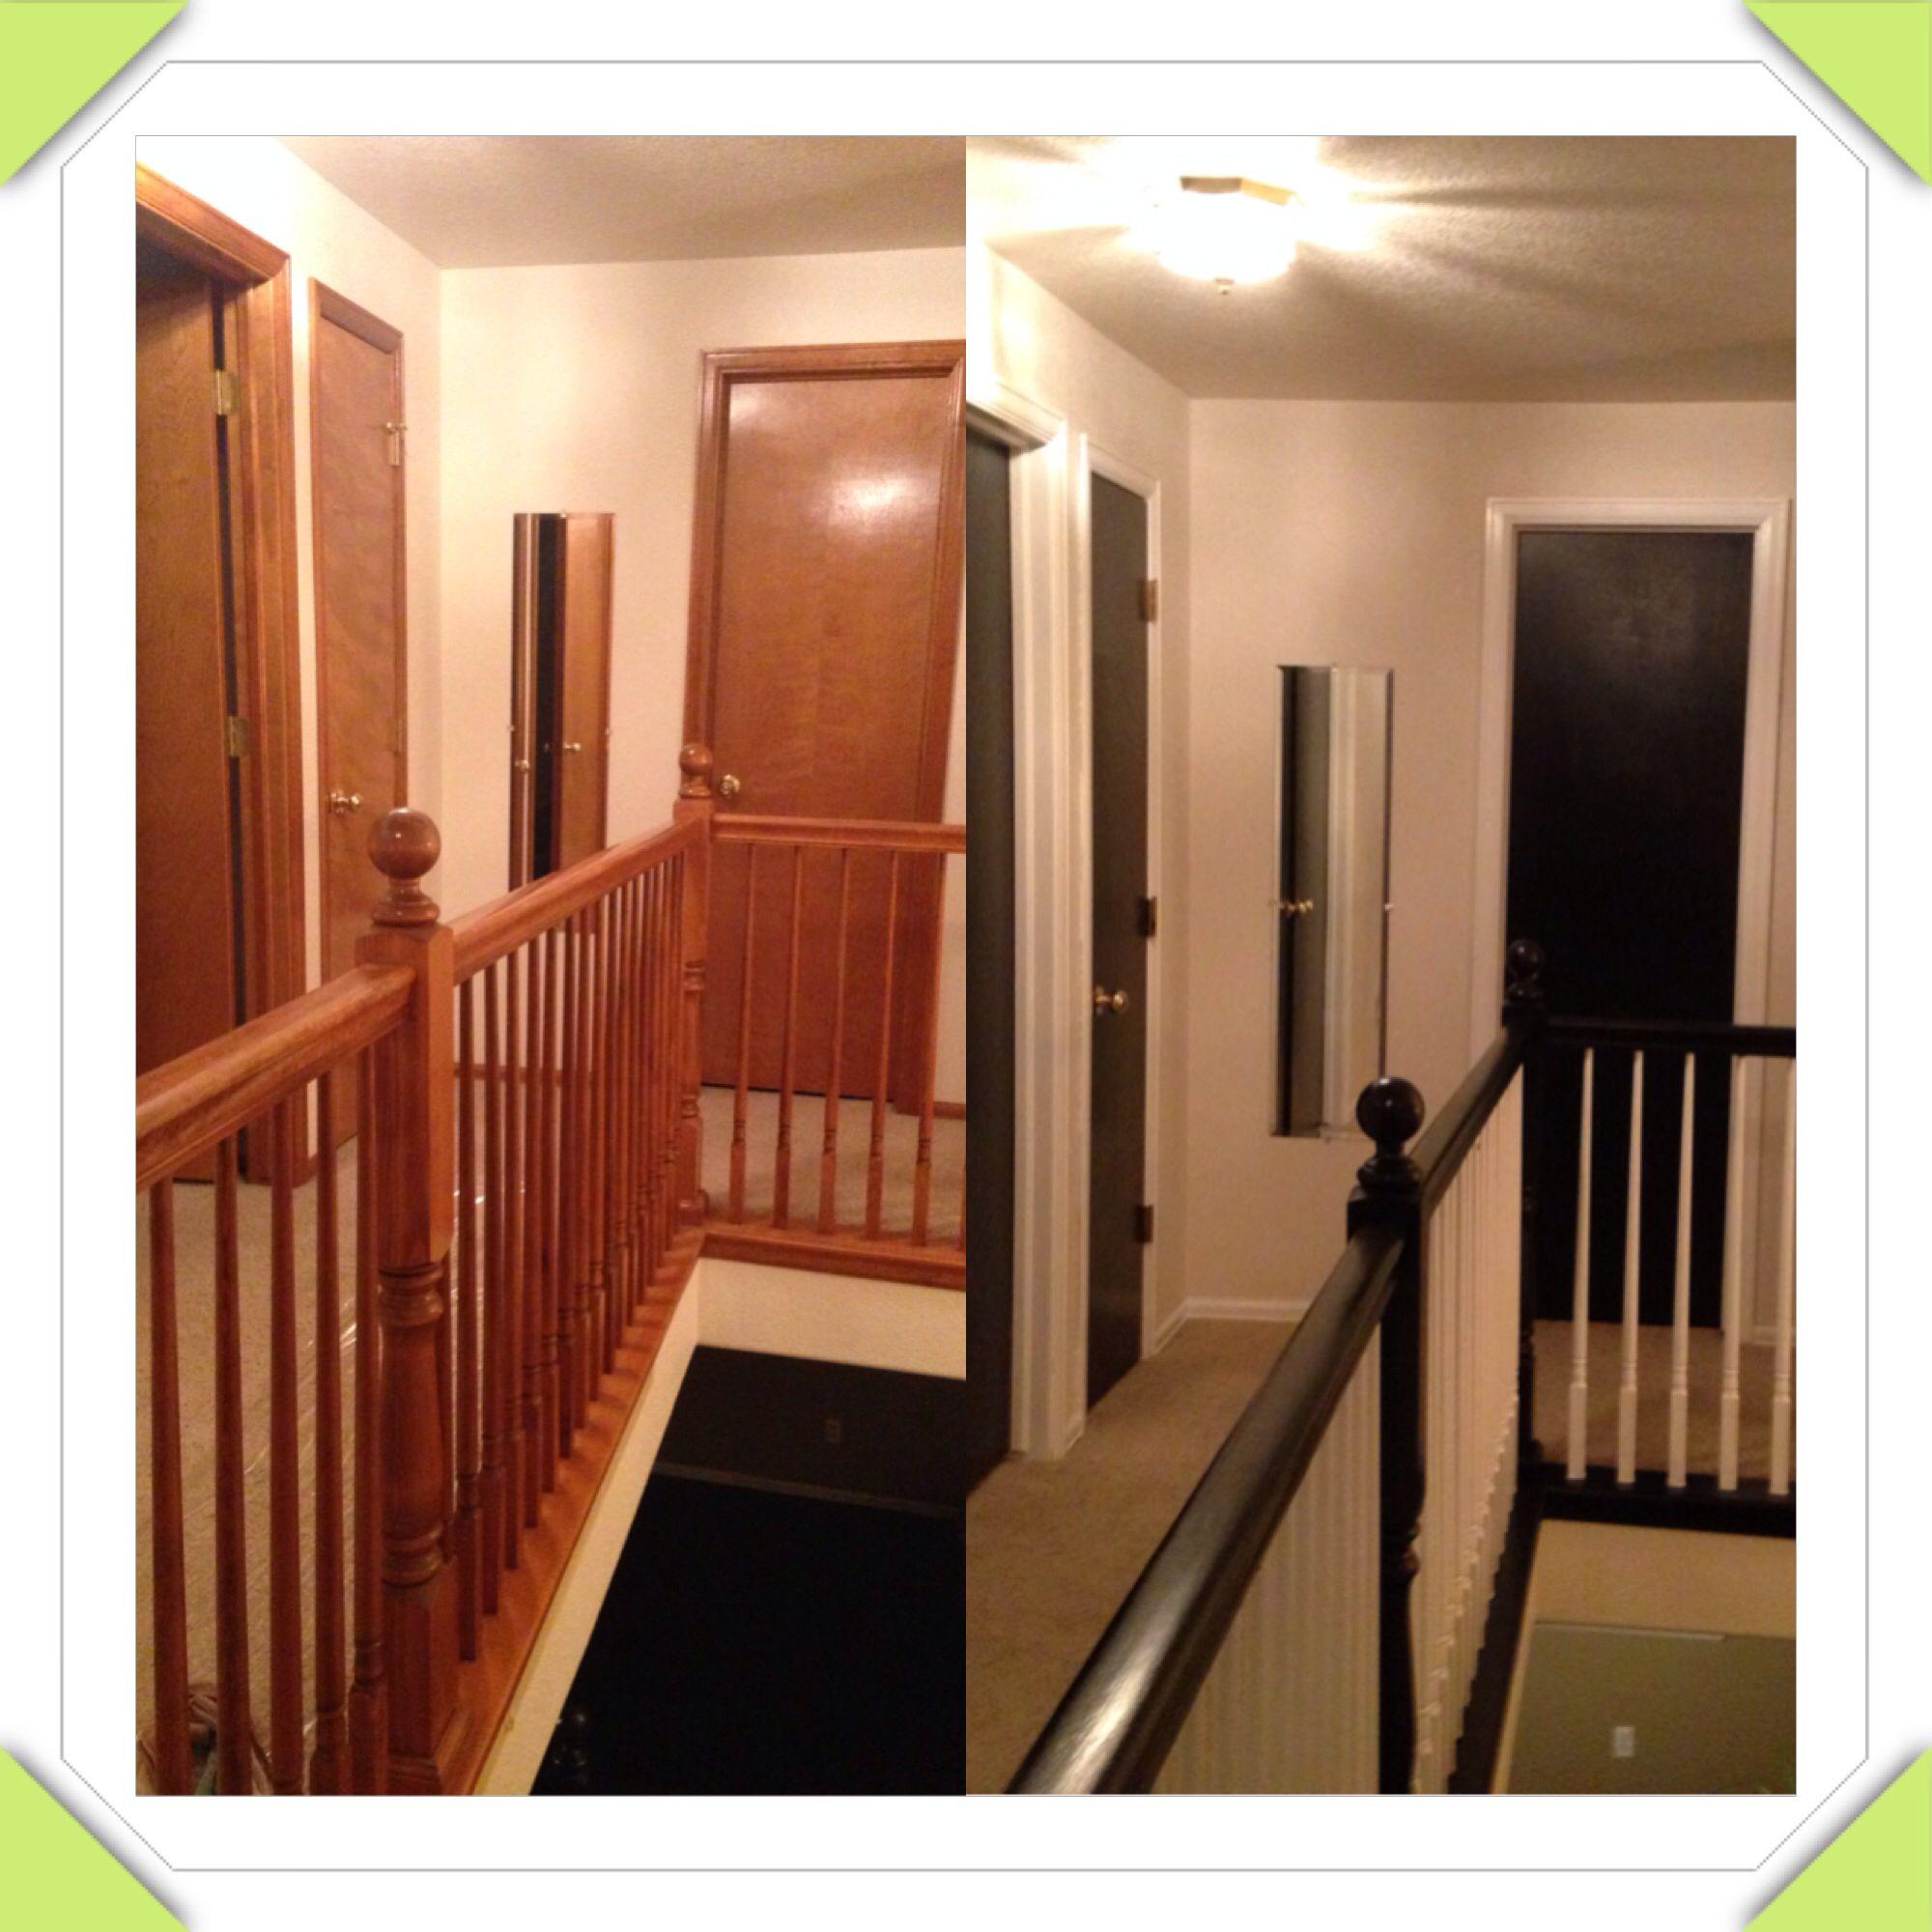 Wood Doors To Black Door With White Trim Transform Your Old Wood Doors Just The Cost Wood Doors White Trim Black Interior Doors Painting Interior Doors Black